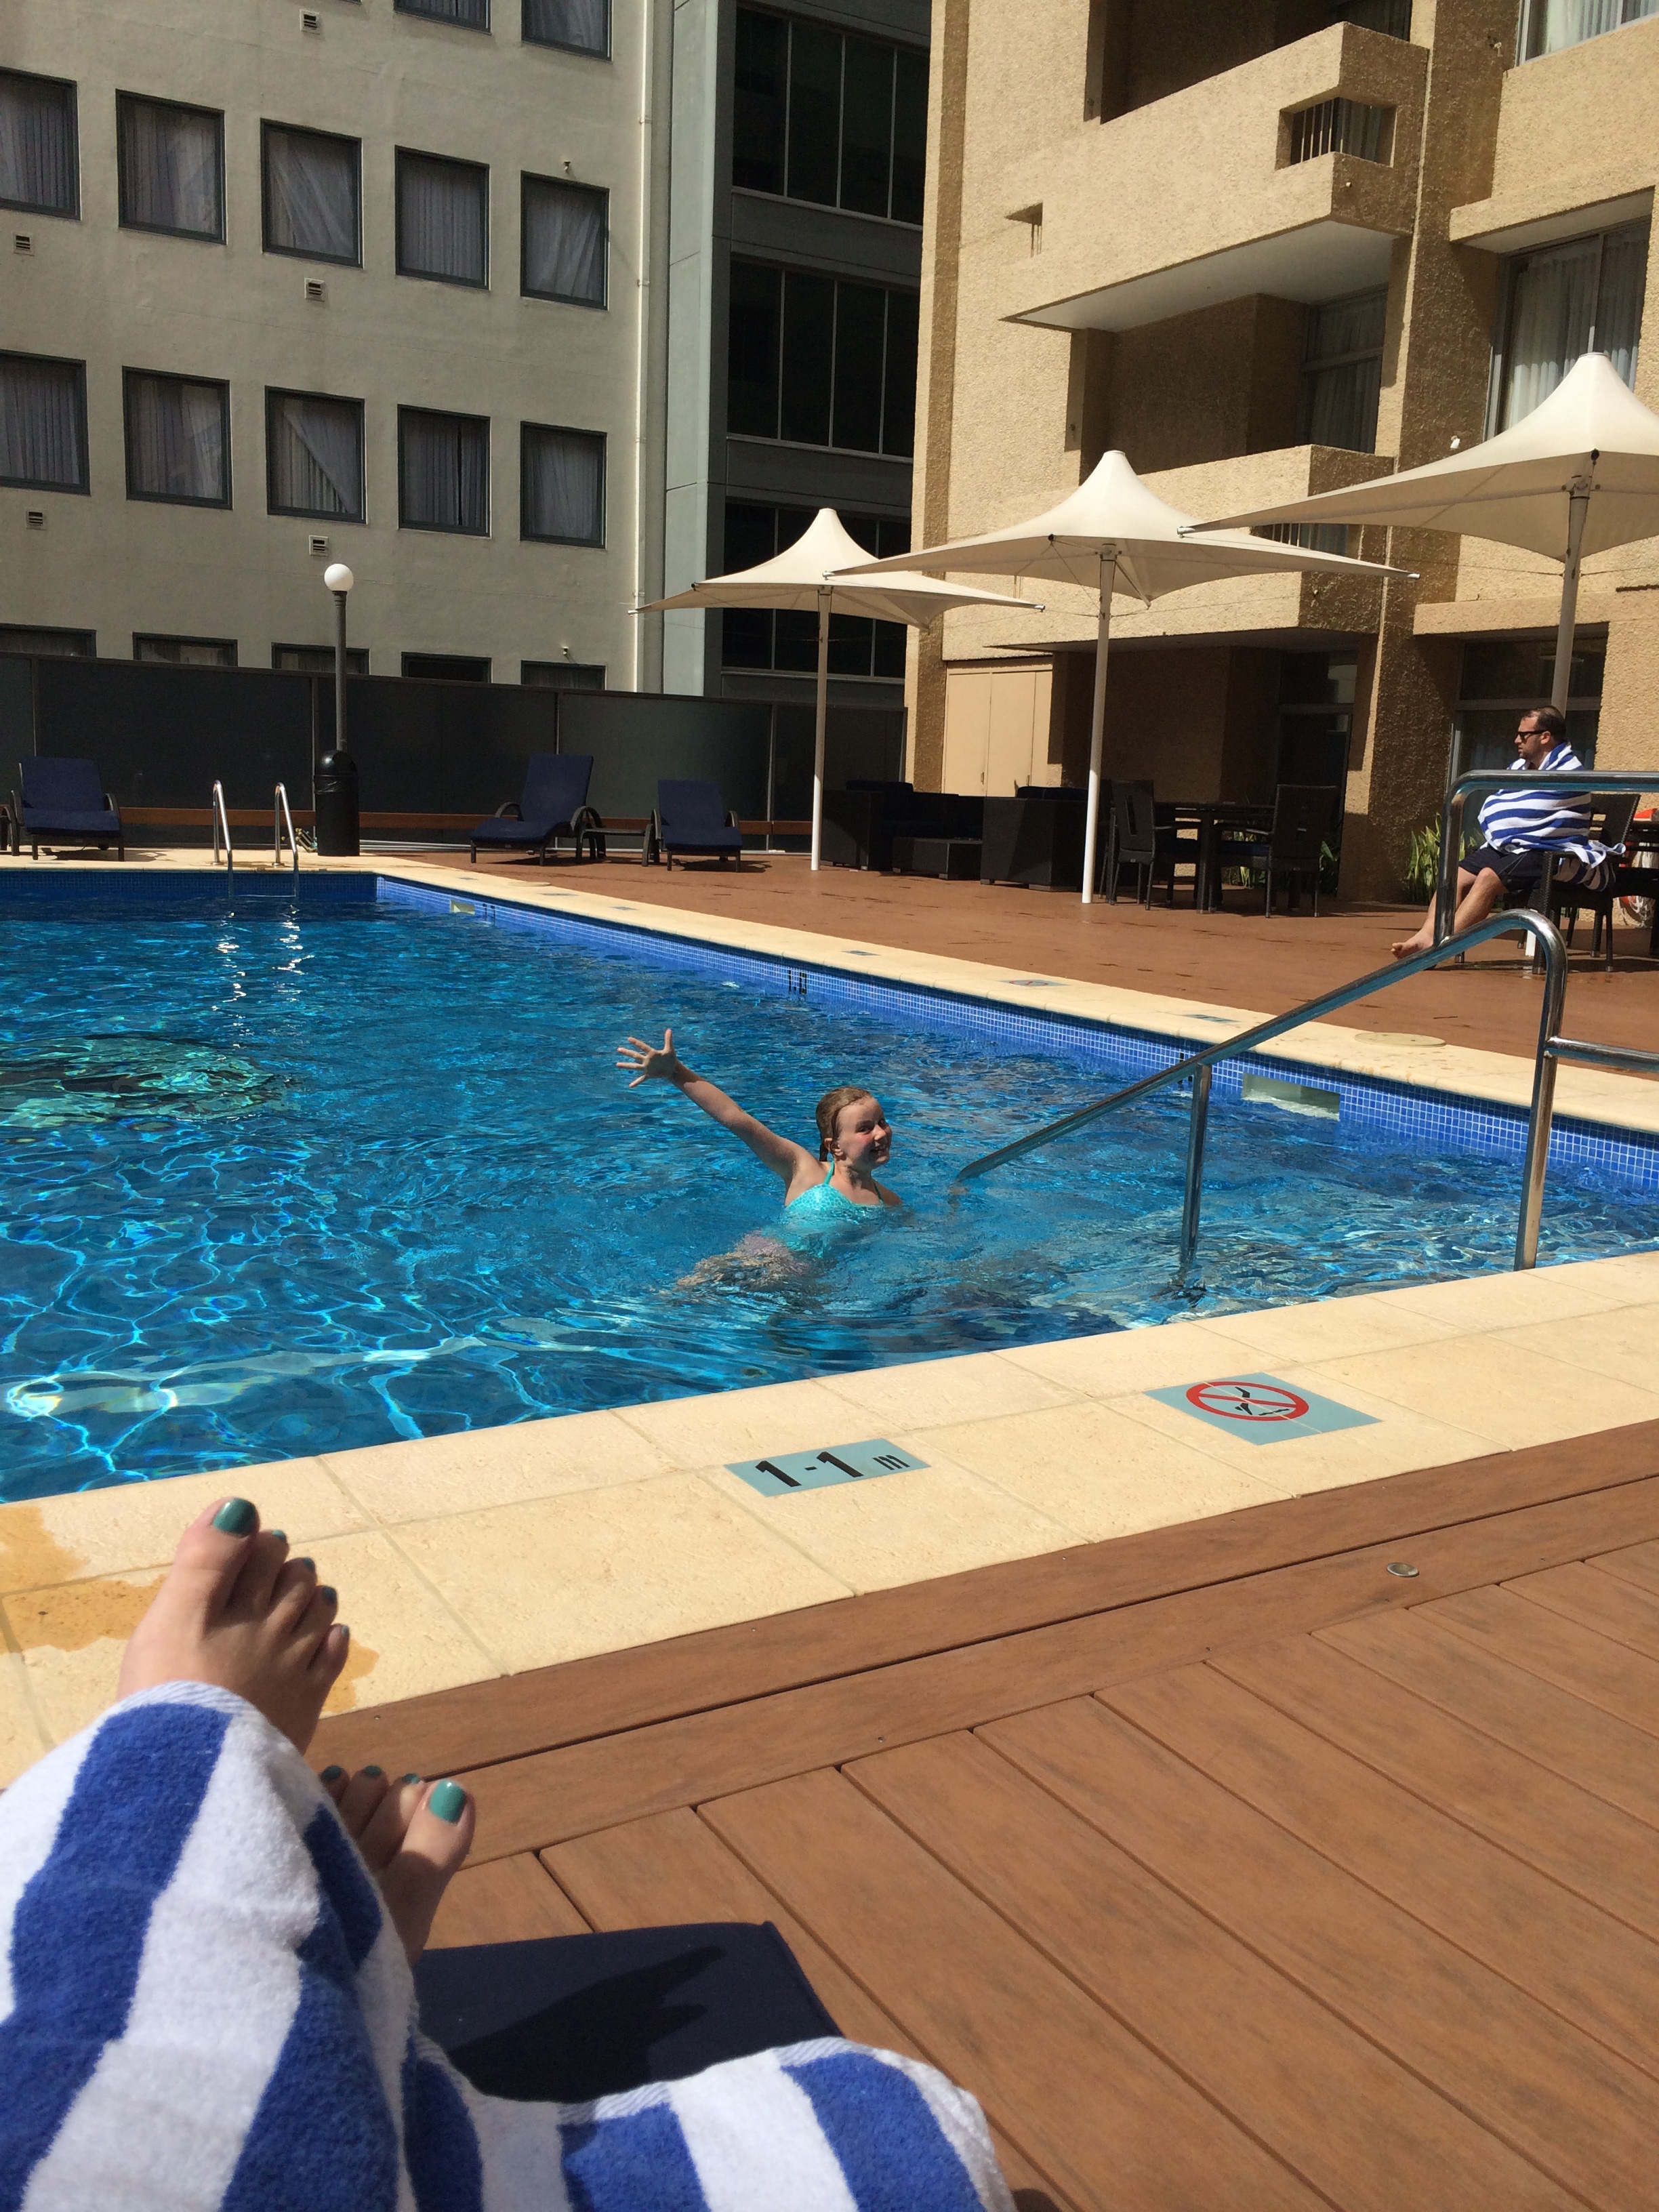 Pool memories